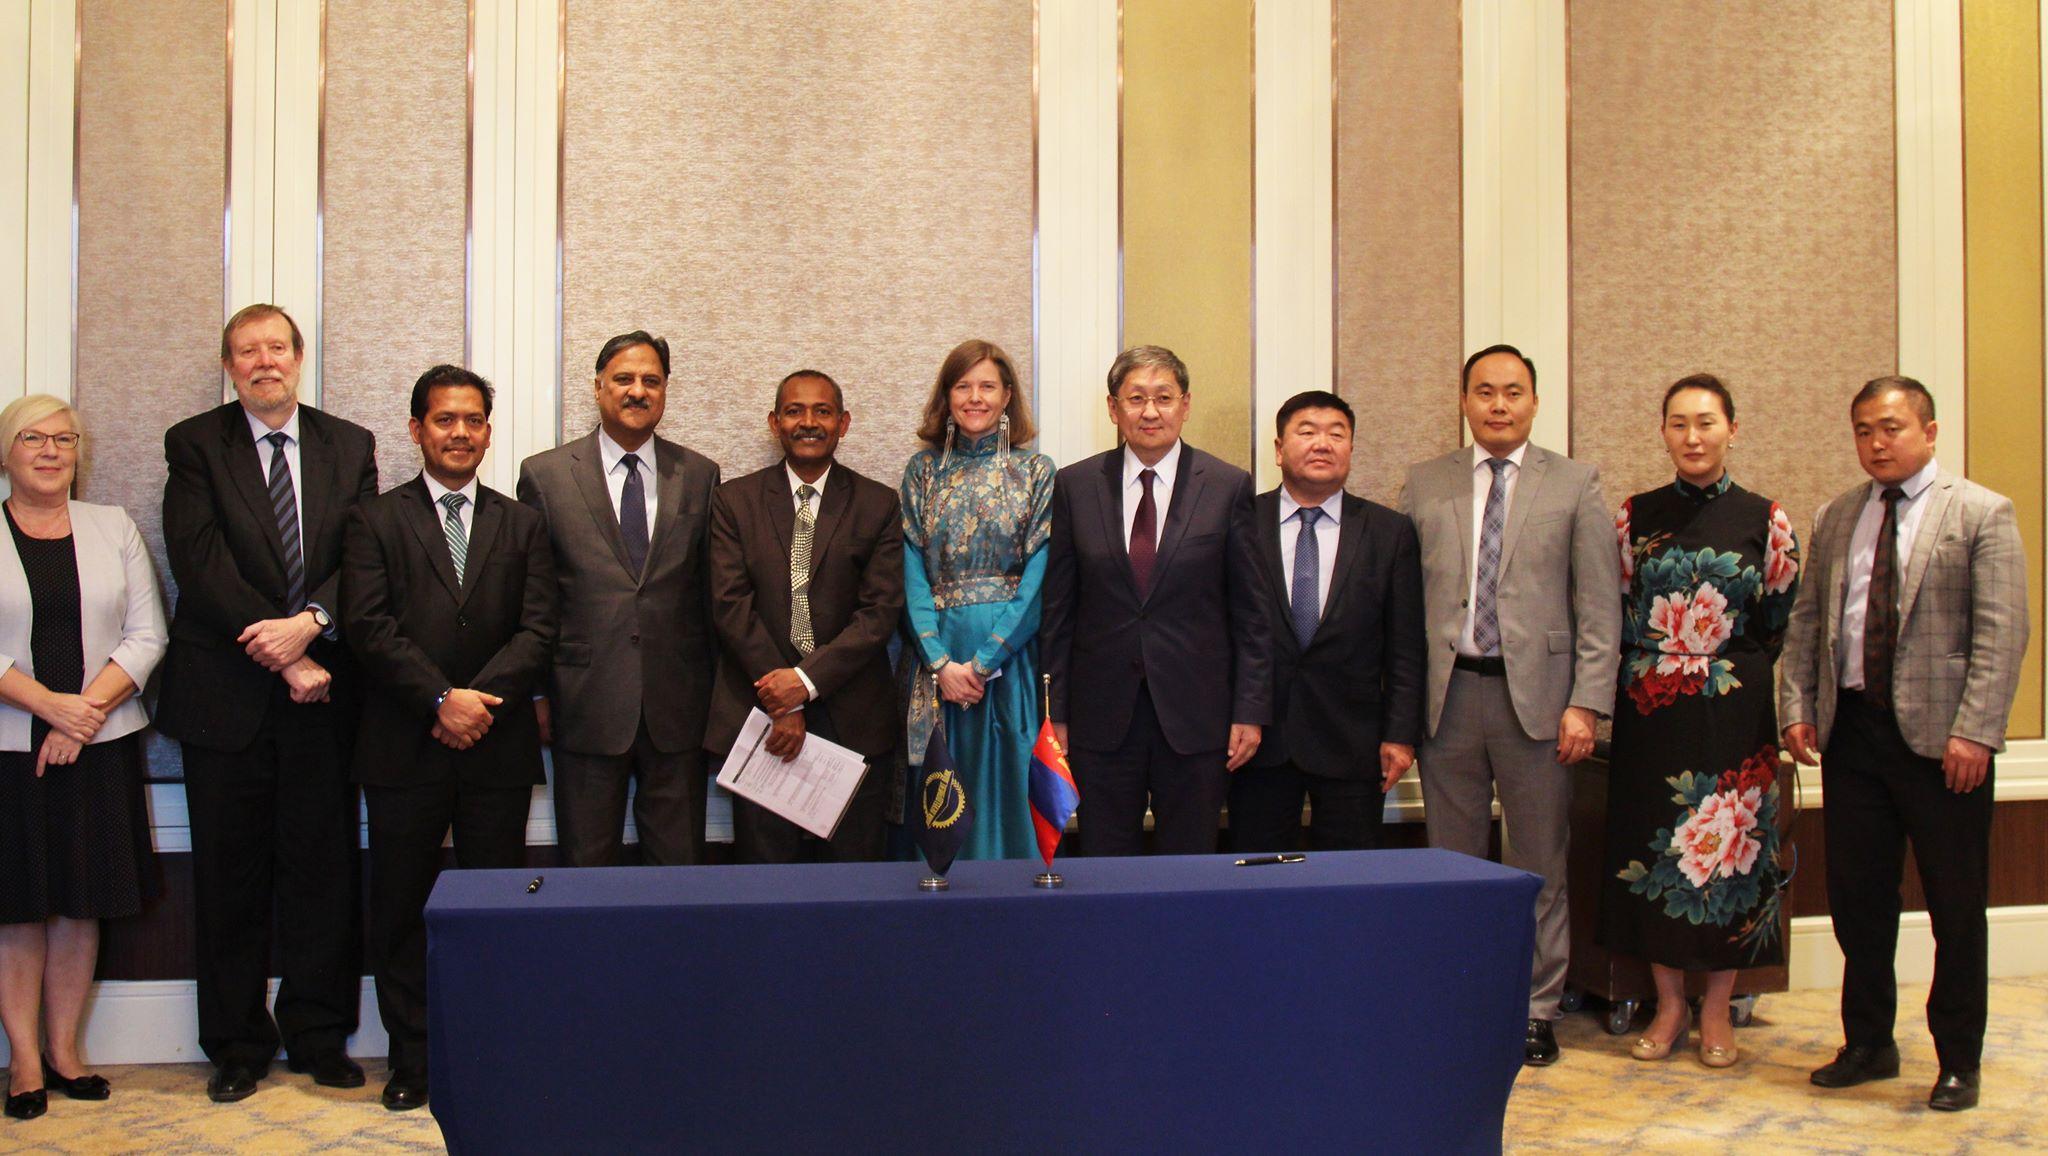 Эко аялал жуулчлалыг хөгжүүлэхэд Азийн Хөгжлийн банкнаас 38 сая долларын санхүүжилт олгоно